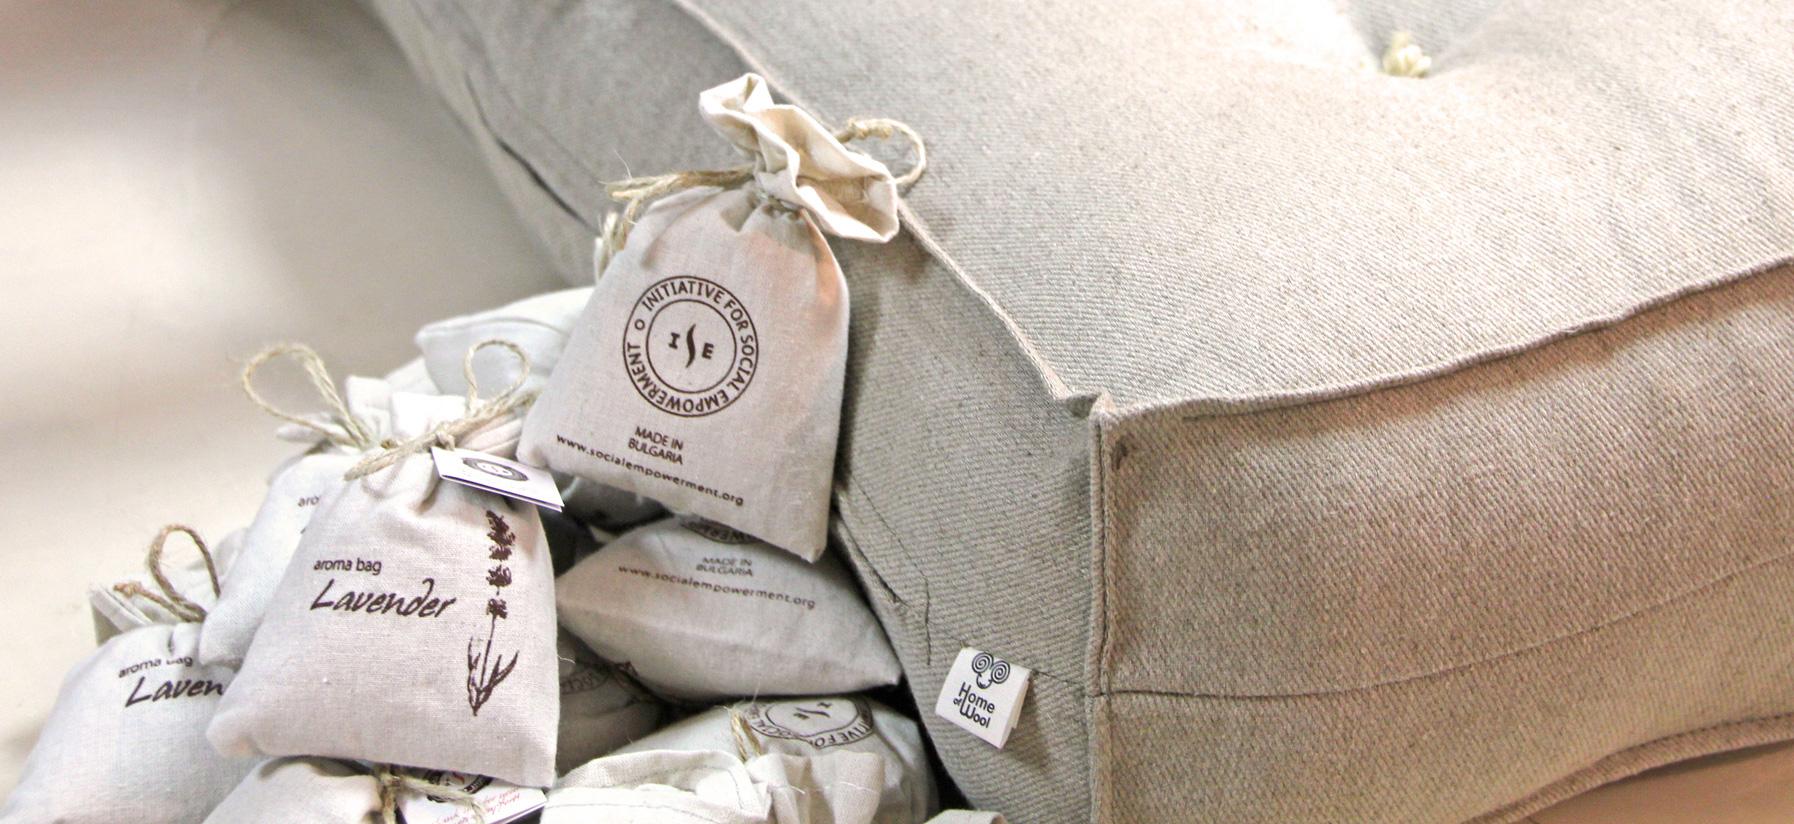 Home of Wool causes ISE lavander bags